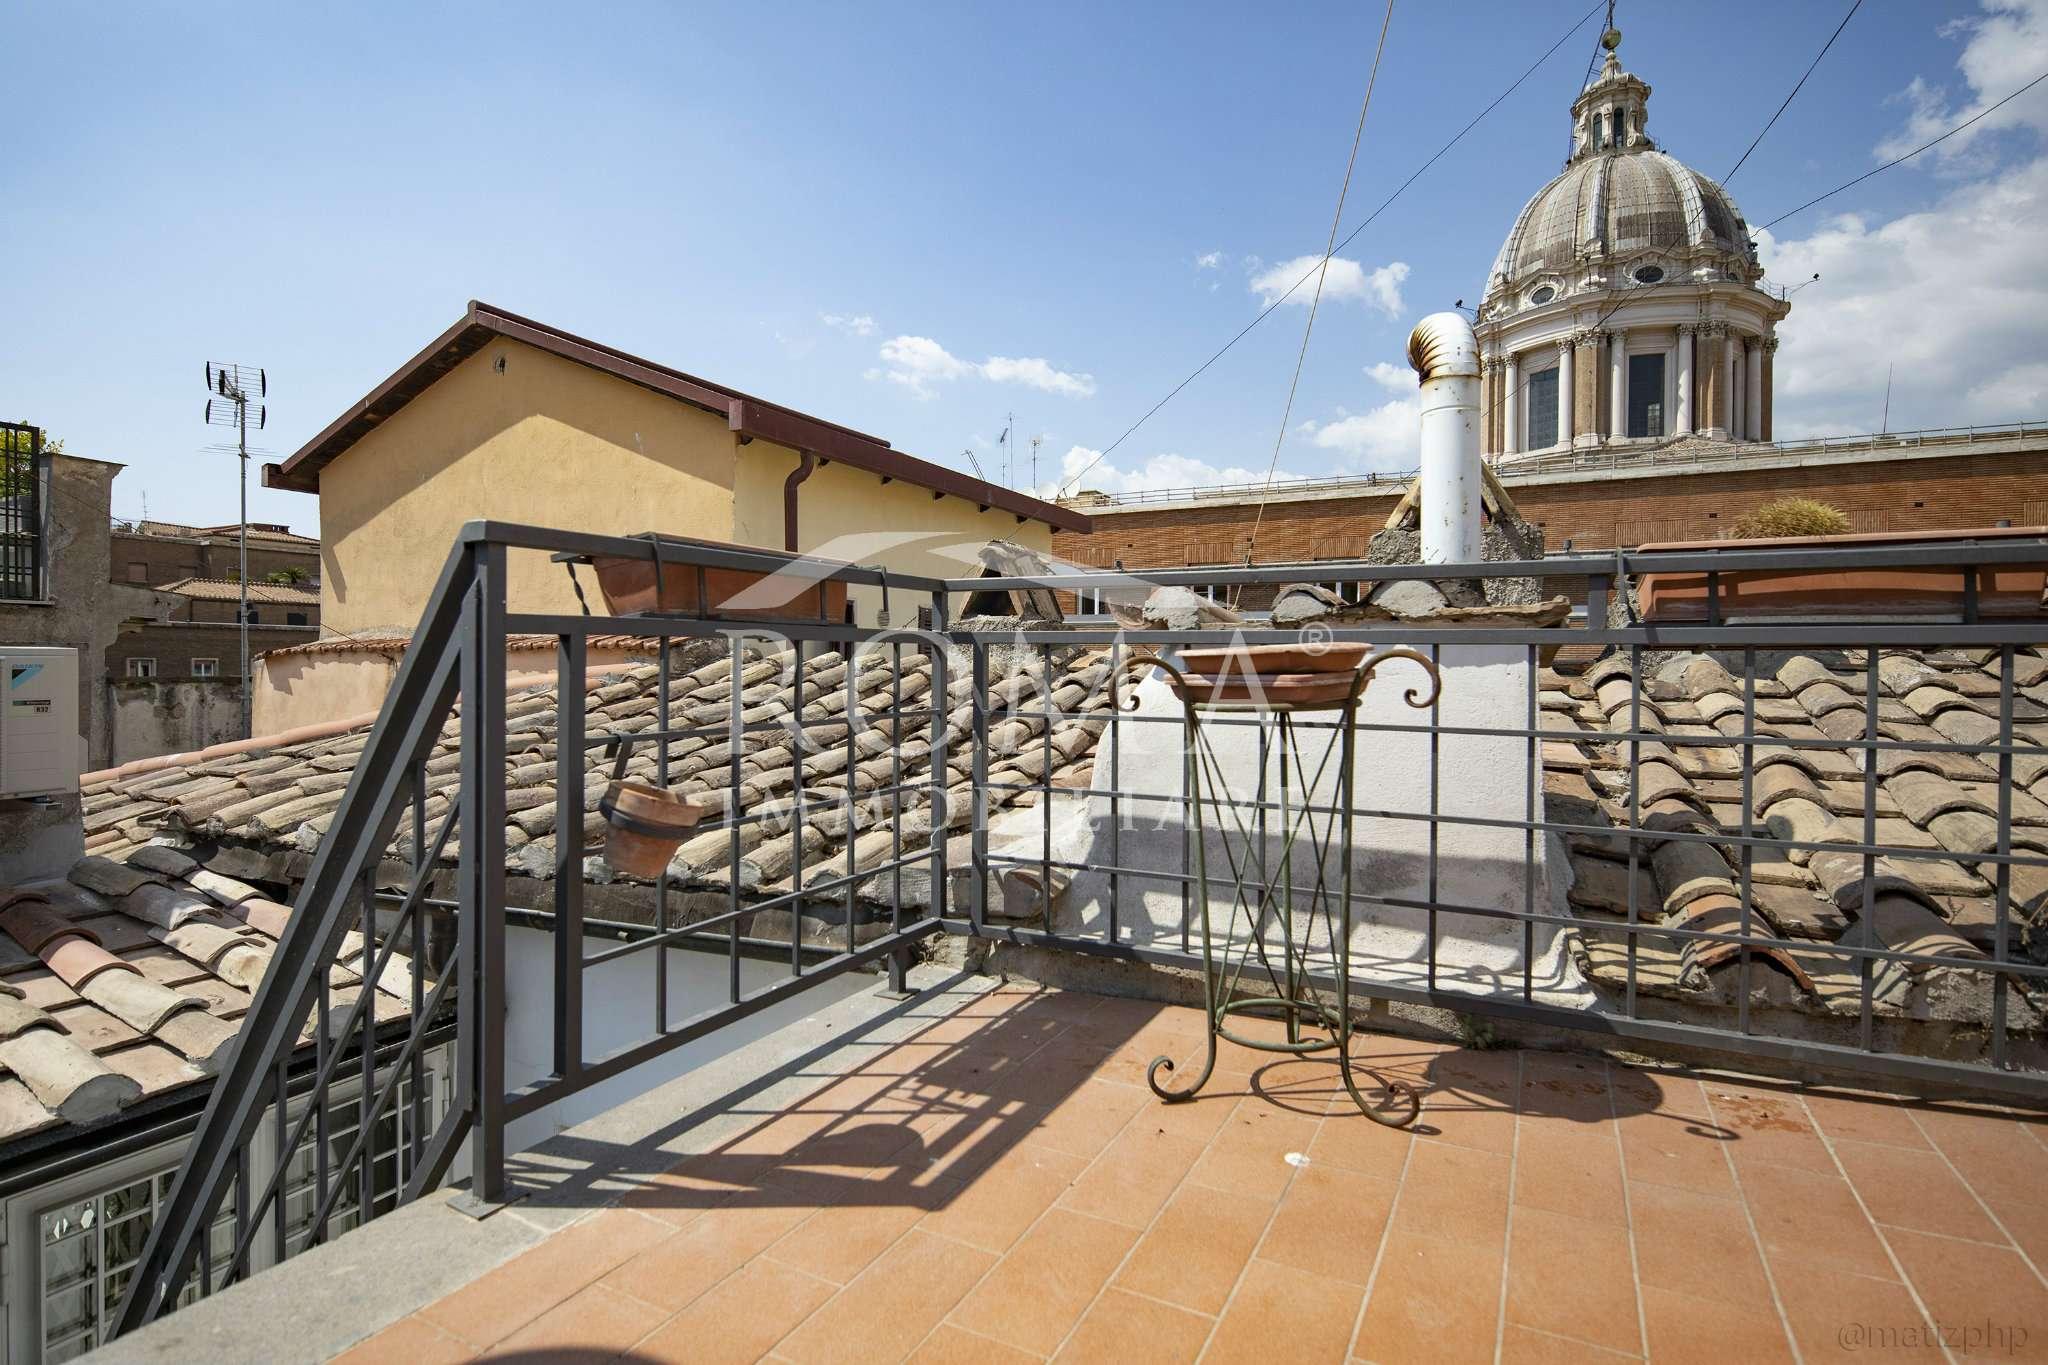 Case Con Terrazzo Roma casa con terrazzo a roma pag. 10 - cambiocasa.it